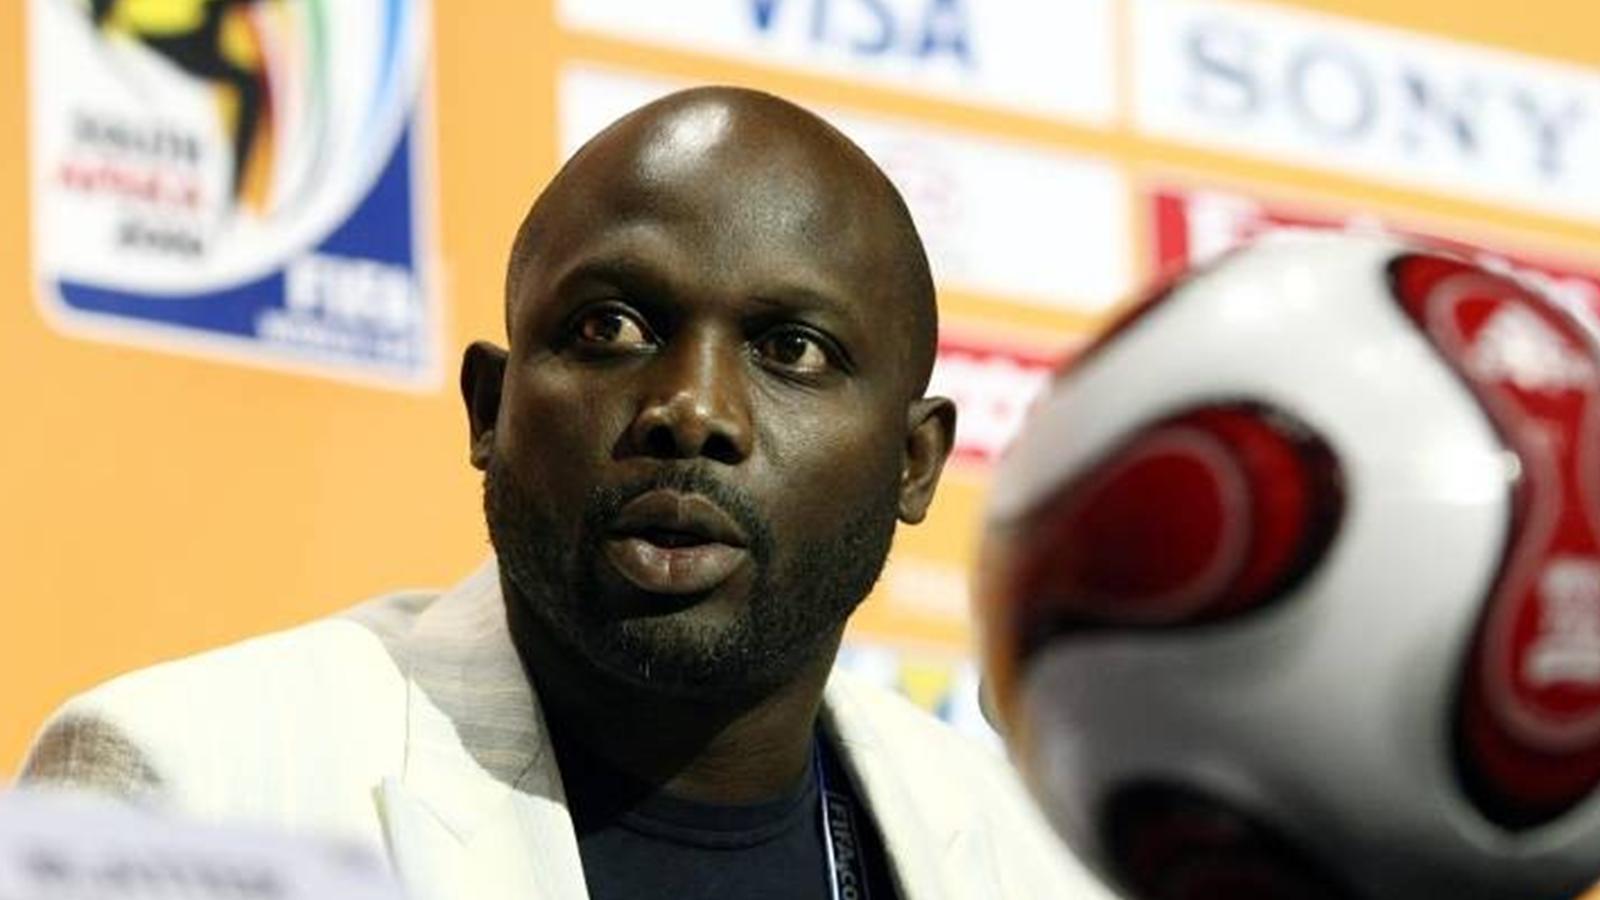 نجم كرة القدم جورج ويا يتصدر سباق انتخابات الرئاسة في ليبيريا